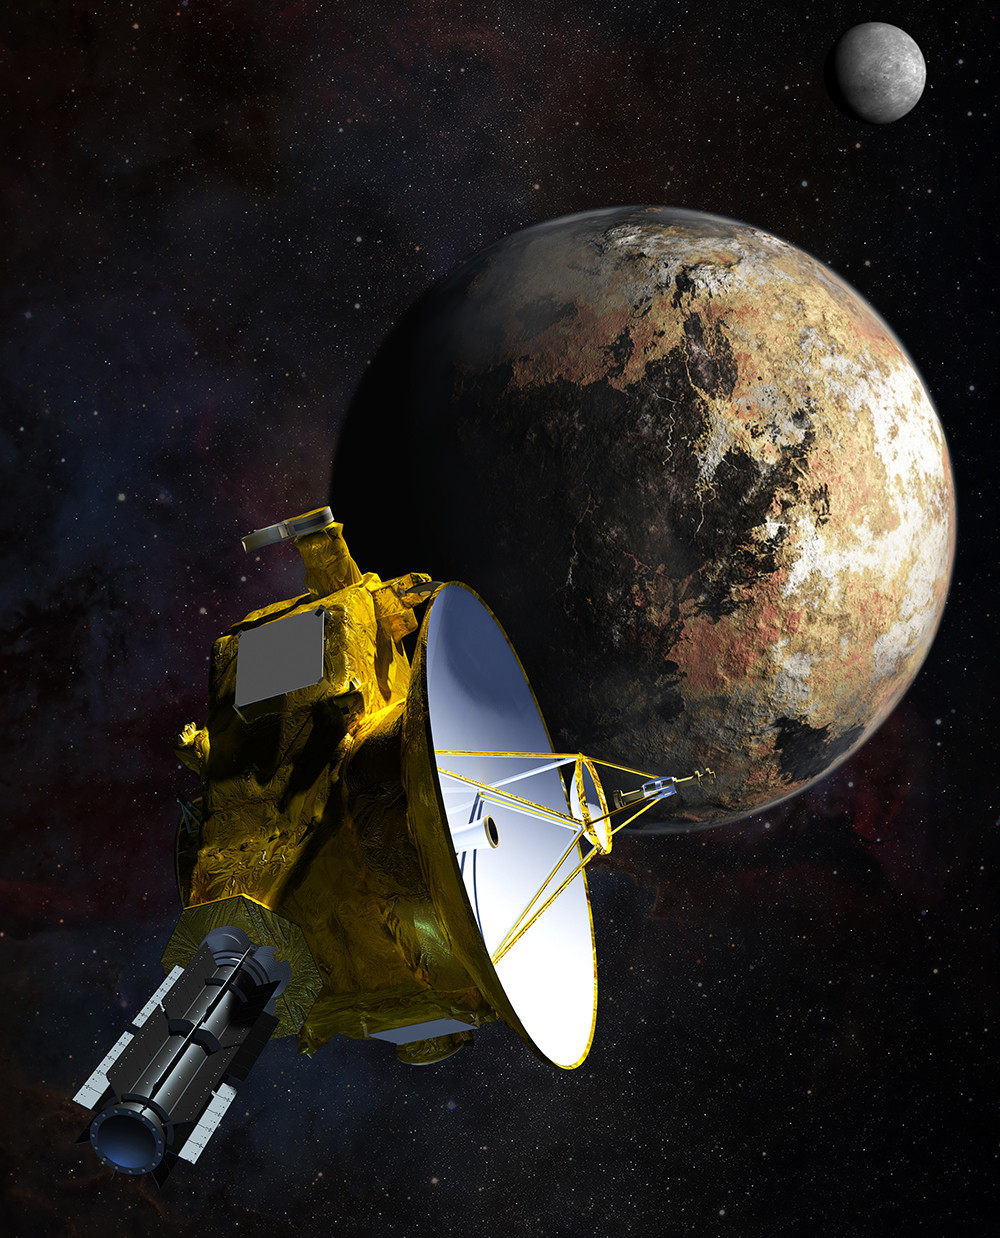 新地平線號與冥王星系假想圖